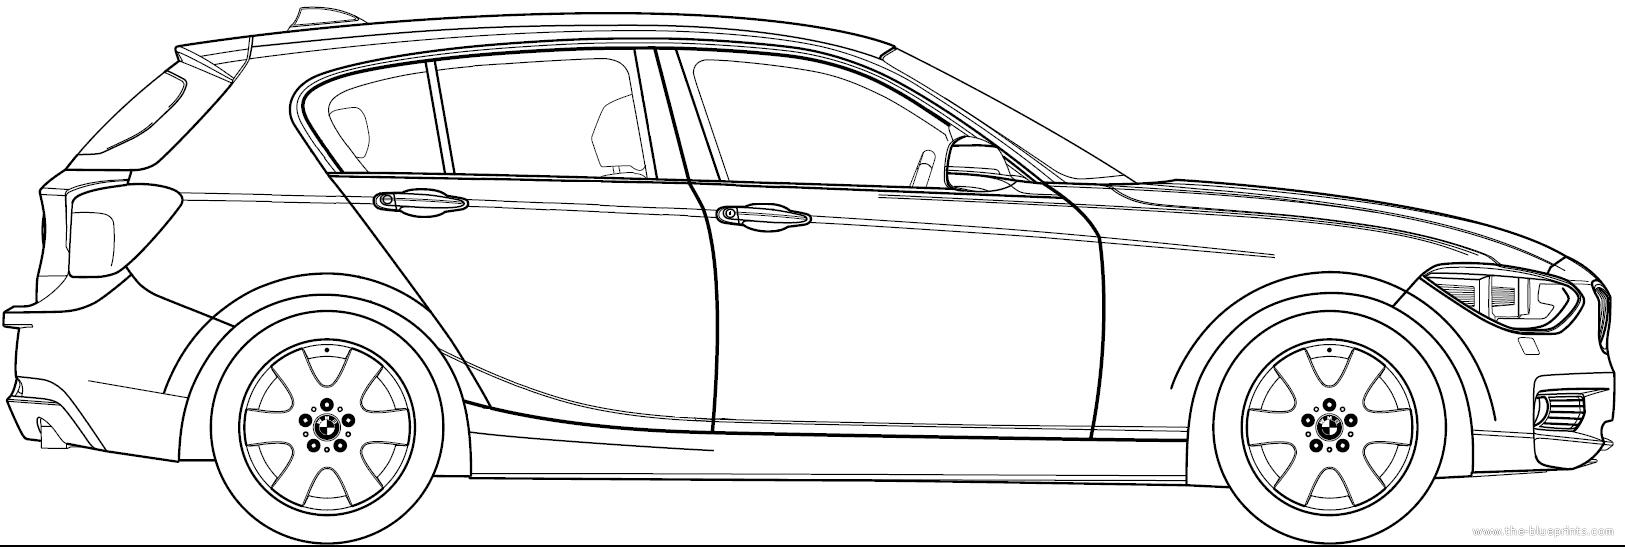 The Blueprints Com Blueprints Gt Cars Gt Bmw Gt Bmw 1